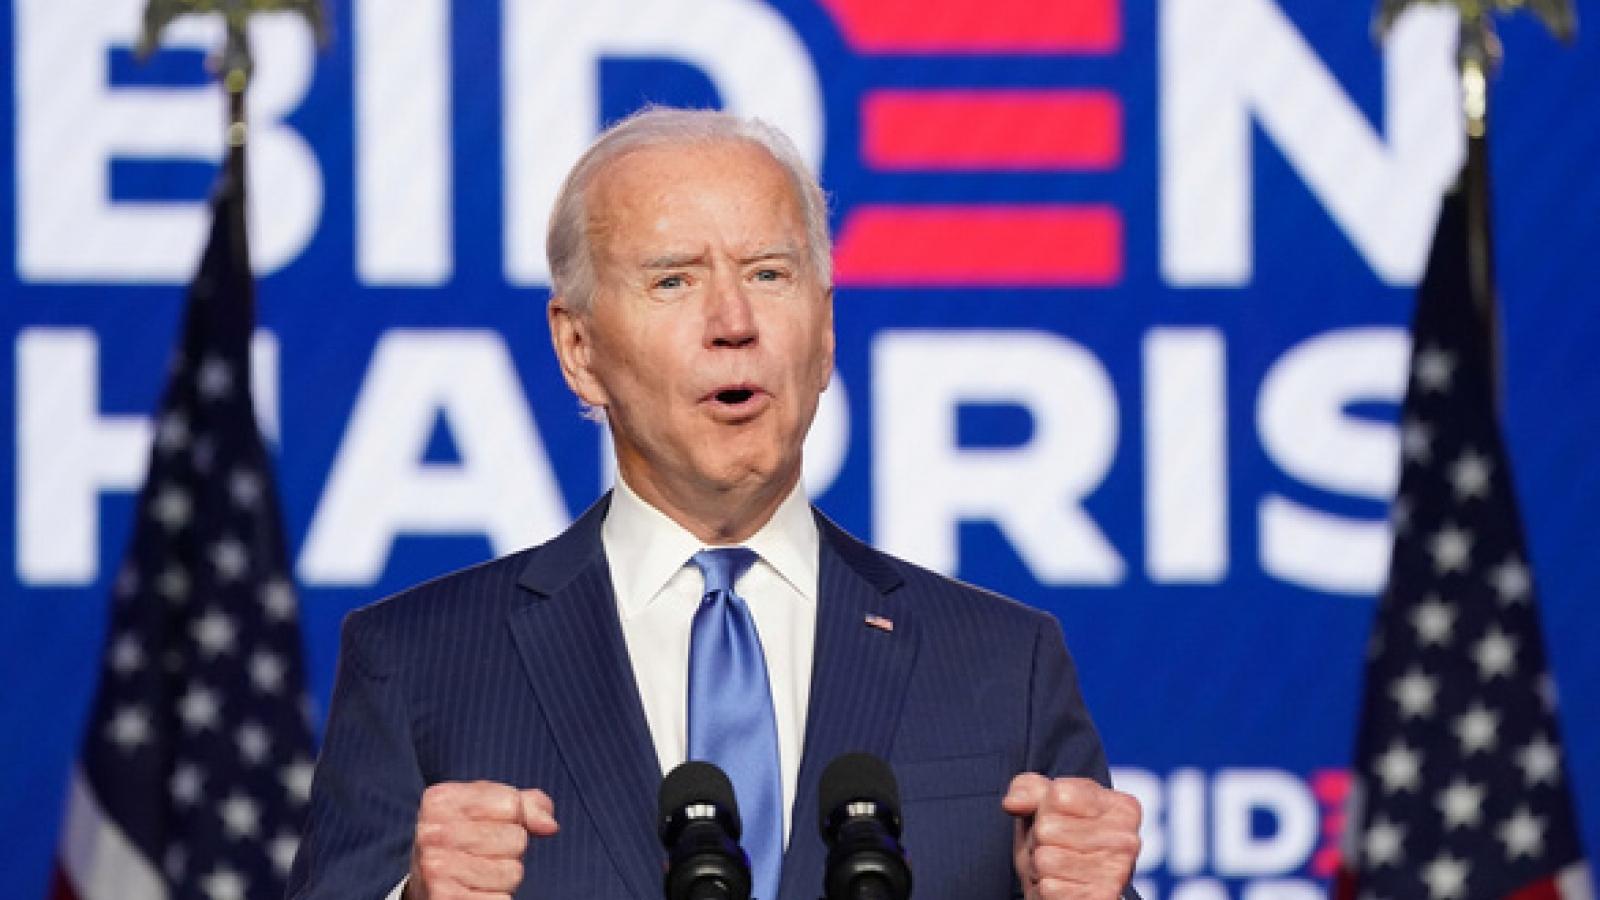 Tổng thống Biden cảnh báo nước Mỹ vẫn chưa về đích trong cuộc chiến chống Covid-19